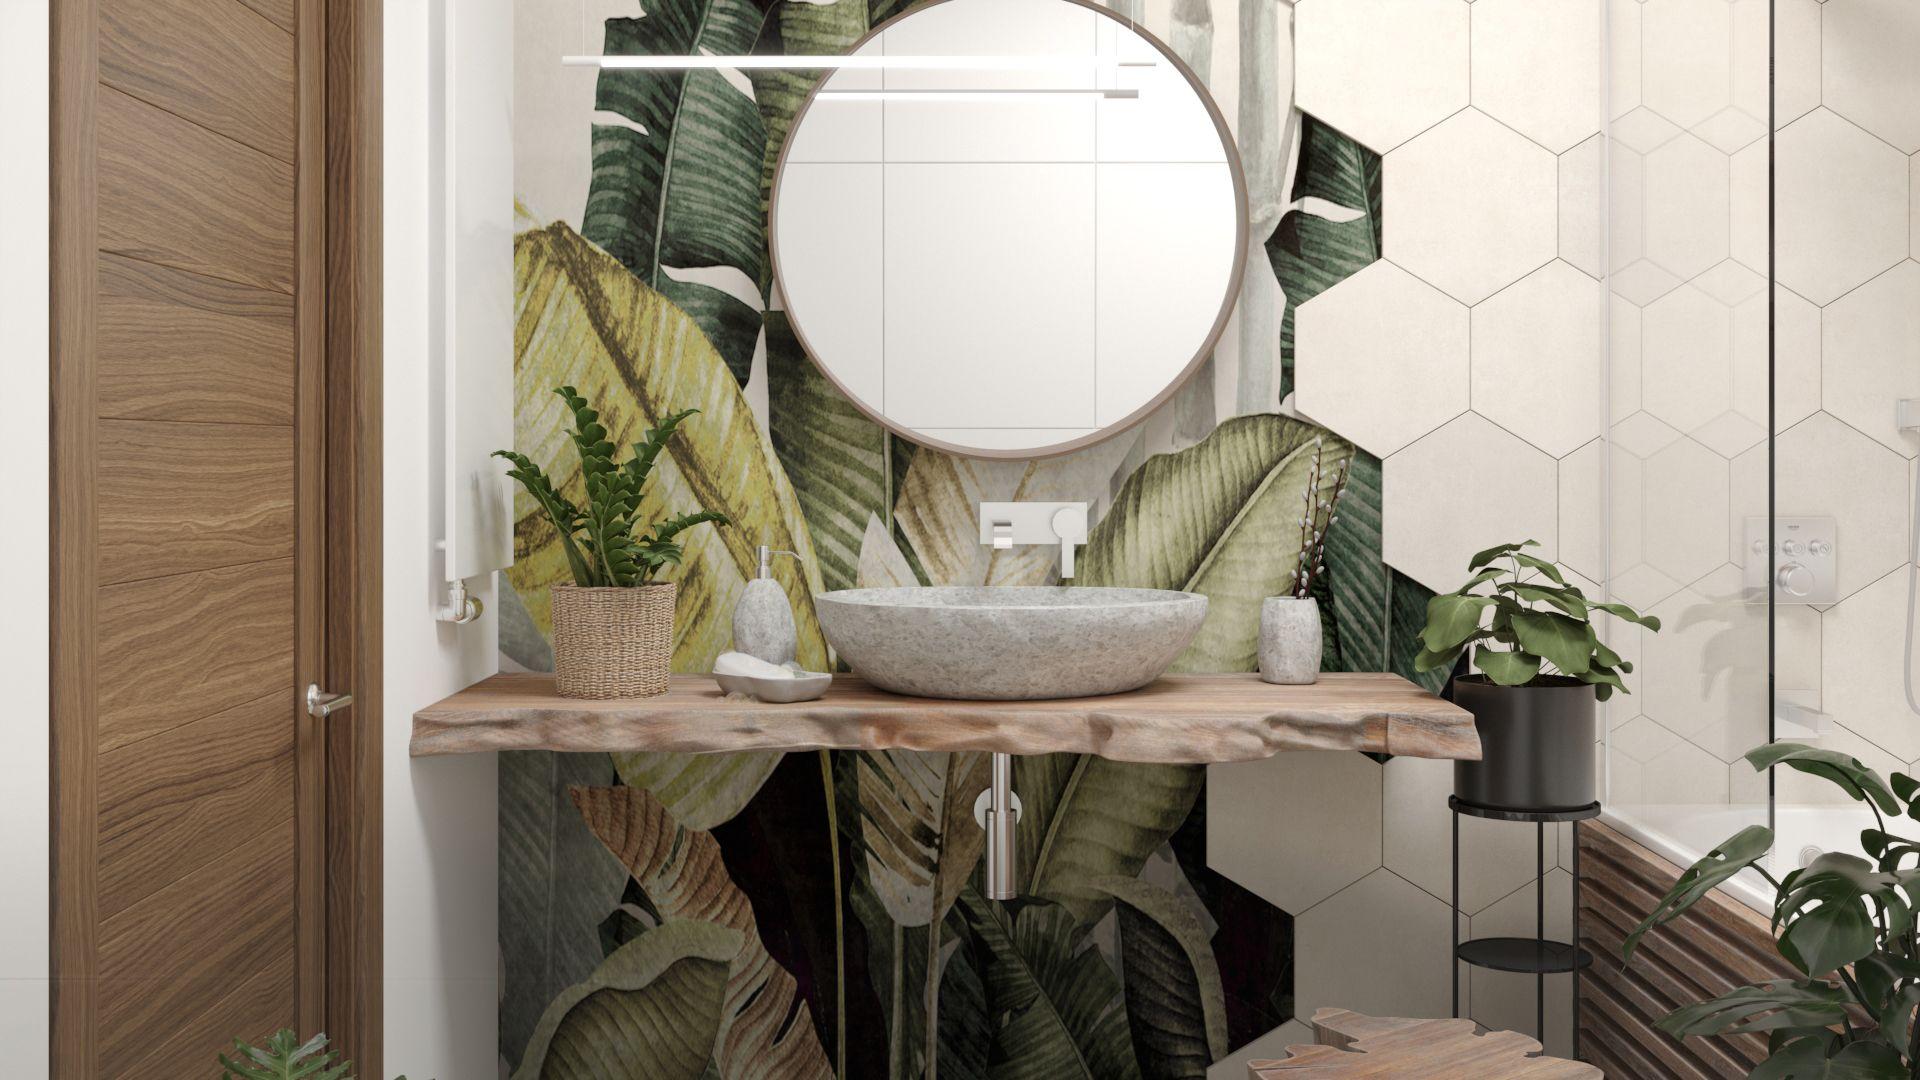 W projekcie łazienki pojawia się drewno -  blat z ociosanego kawałka, pieniek służący jako stoliczek do wanny i obudowa z zaimpregnowanych lameli. Projekt i wizualizacje: Agnieszka Rozmysłowicz, Viann Interior Design